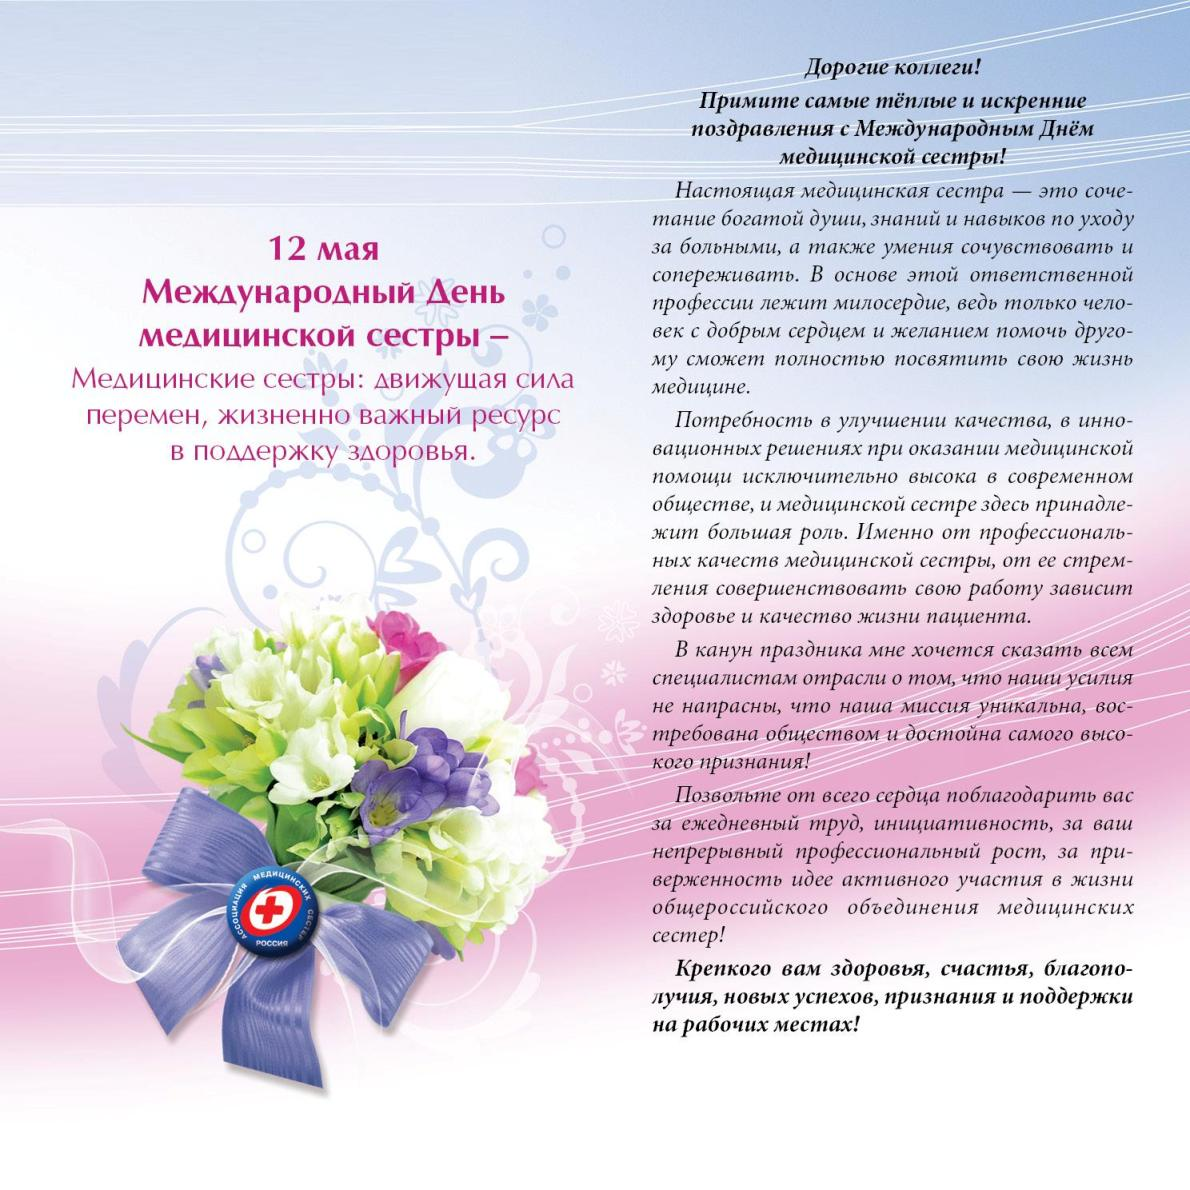 Поздравления для медицинских сестёр